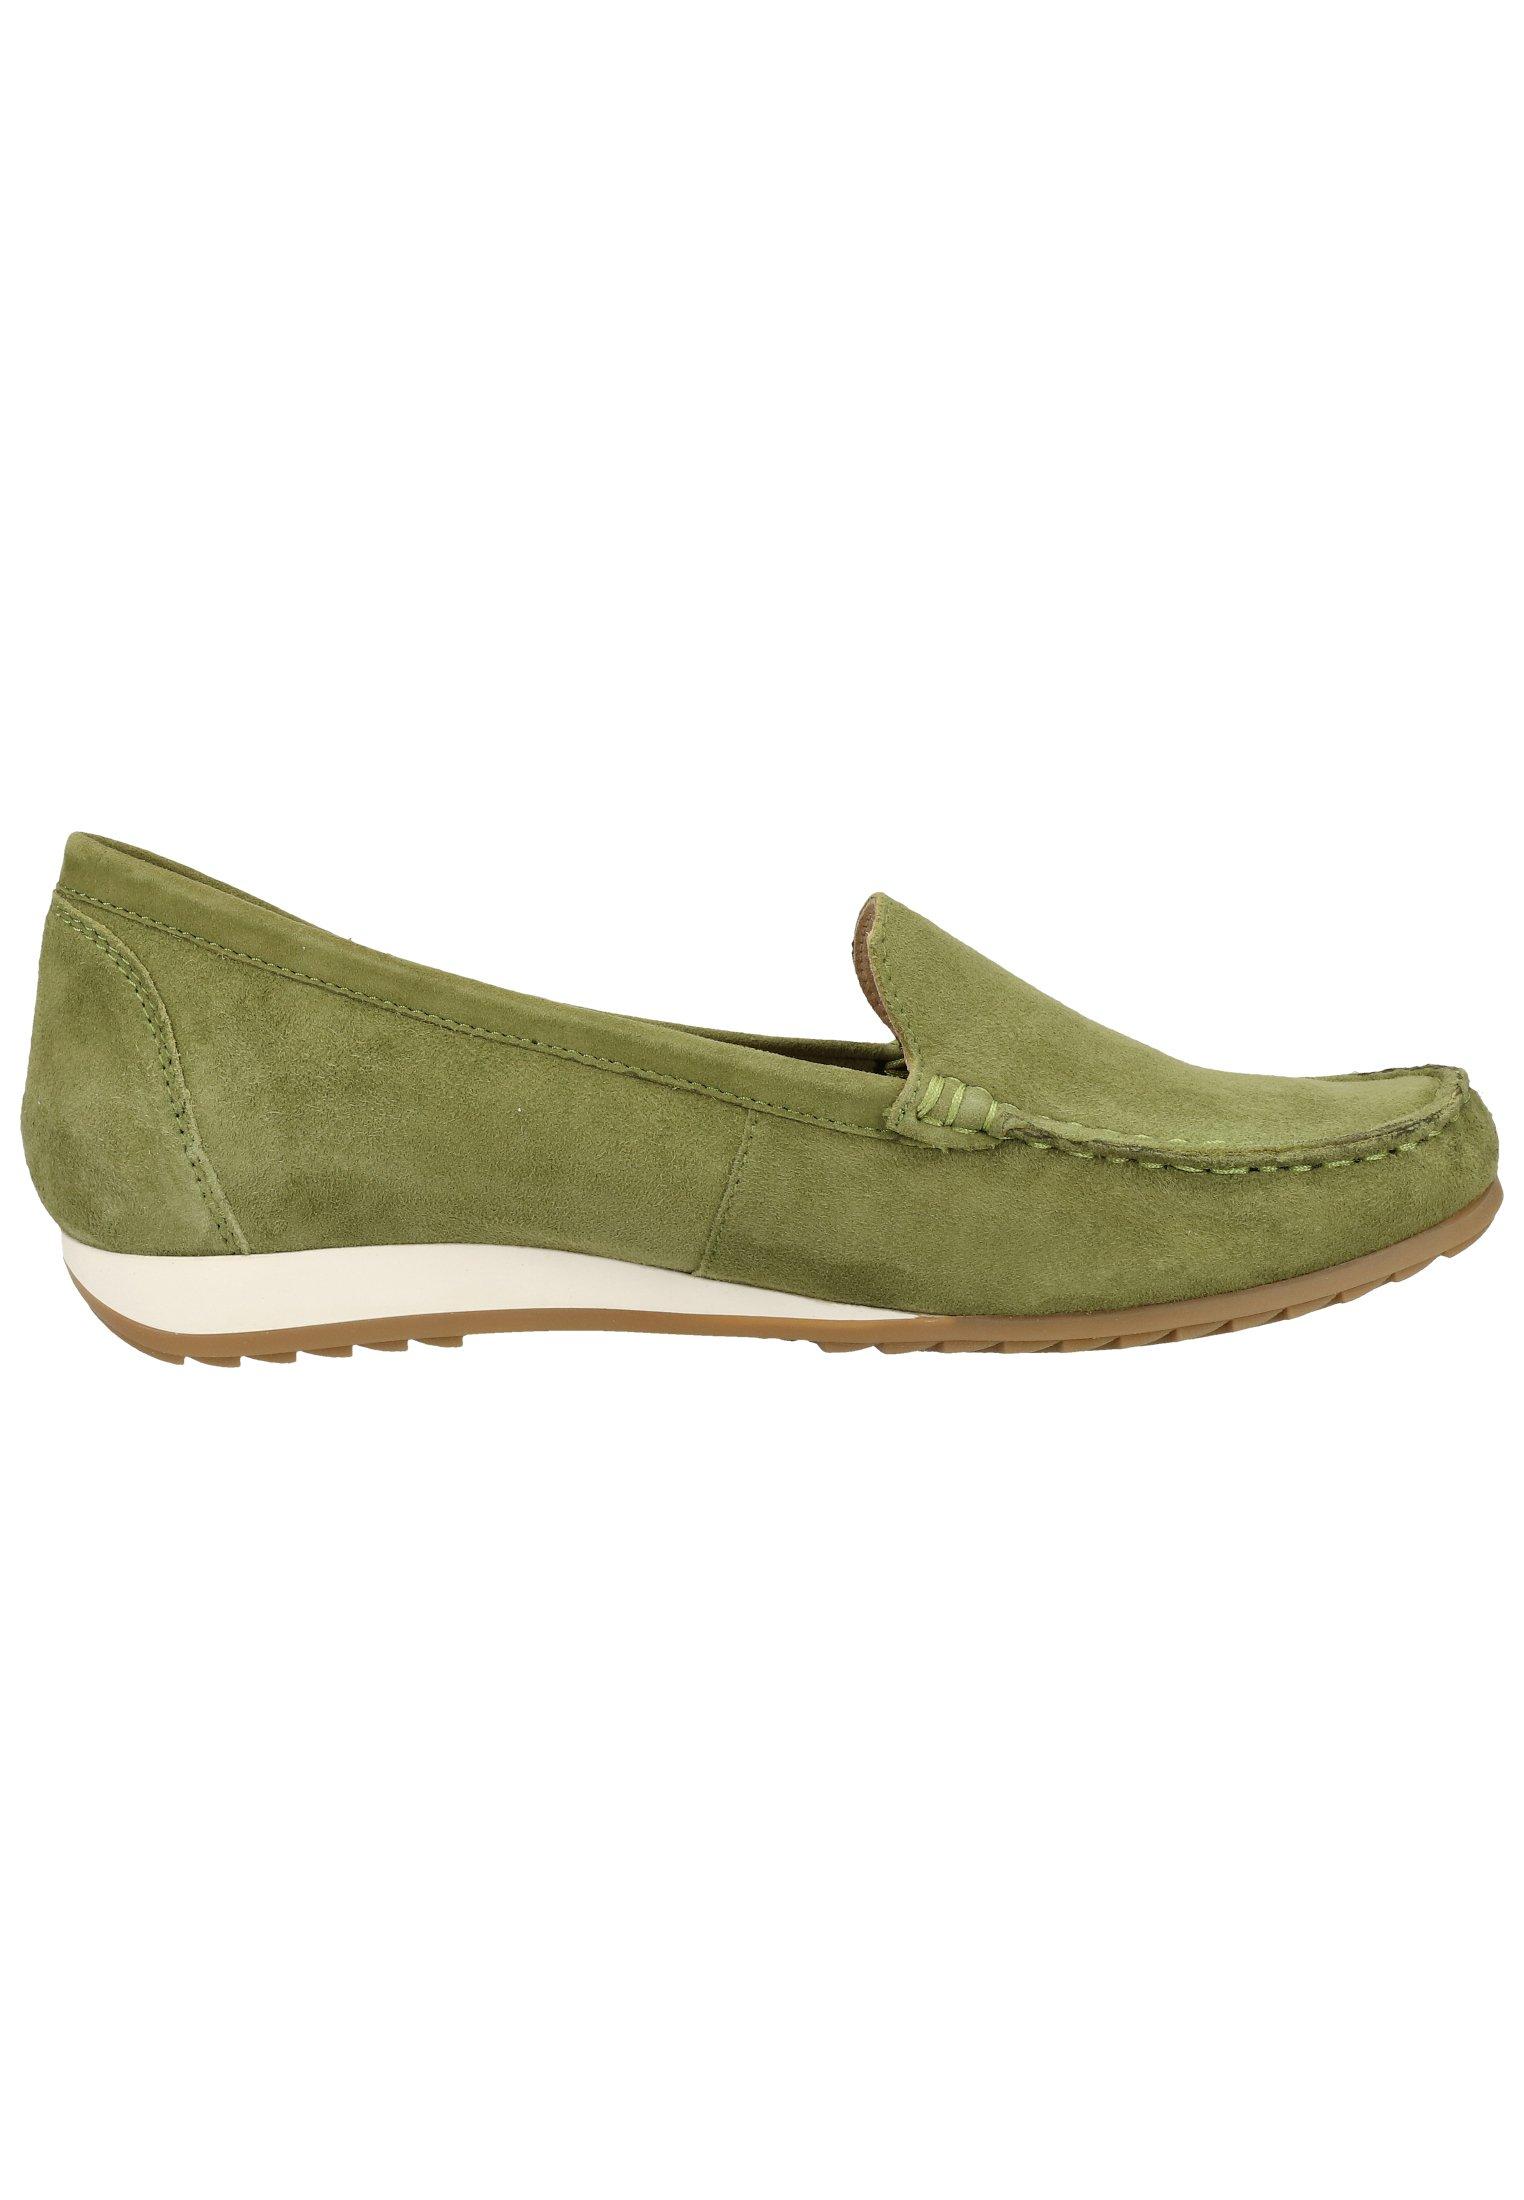 Caprice Mocassins - green